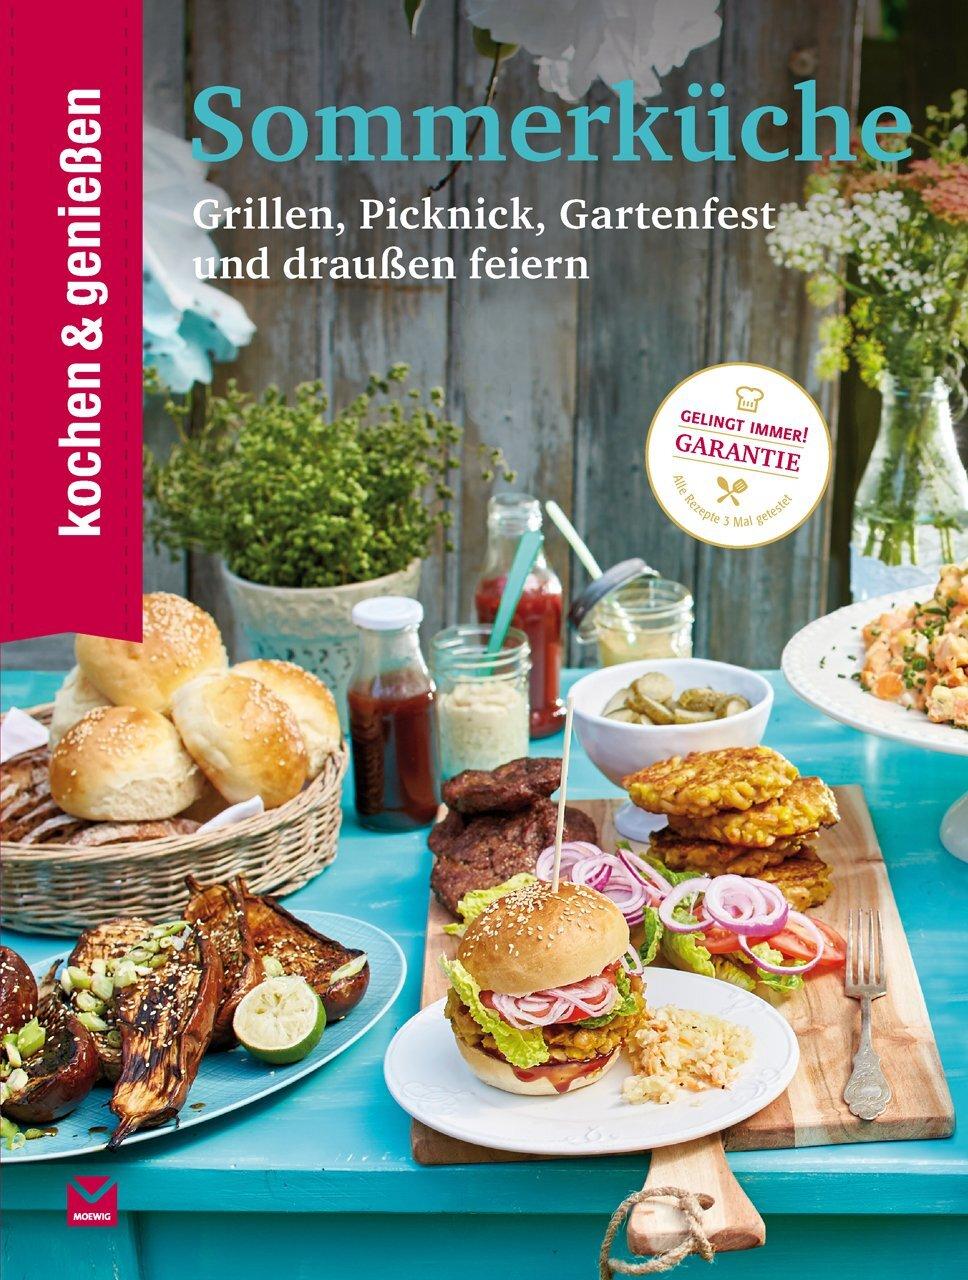 Kochen & Genießen - Sommerküche (gebundenes Buch) | Das Buch am Markt